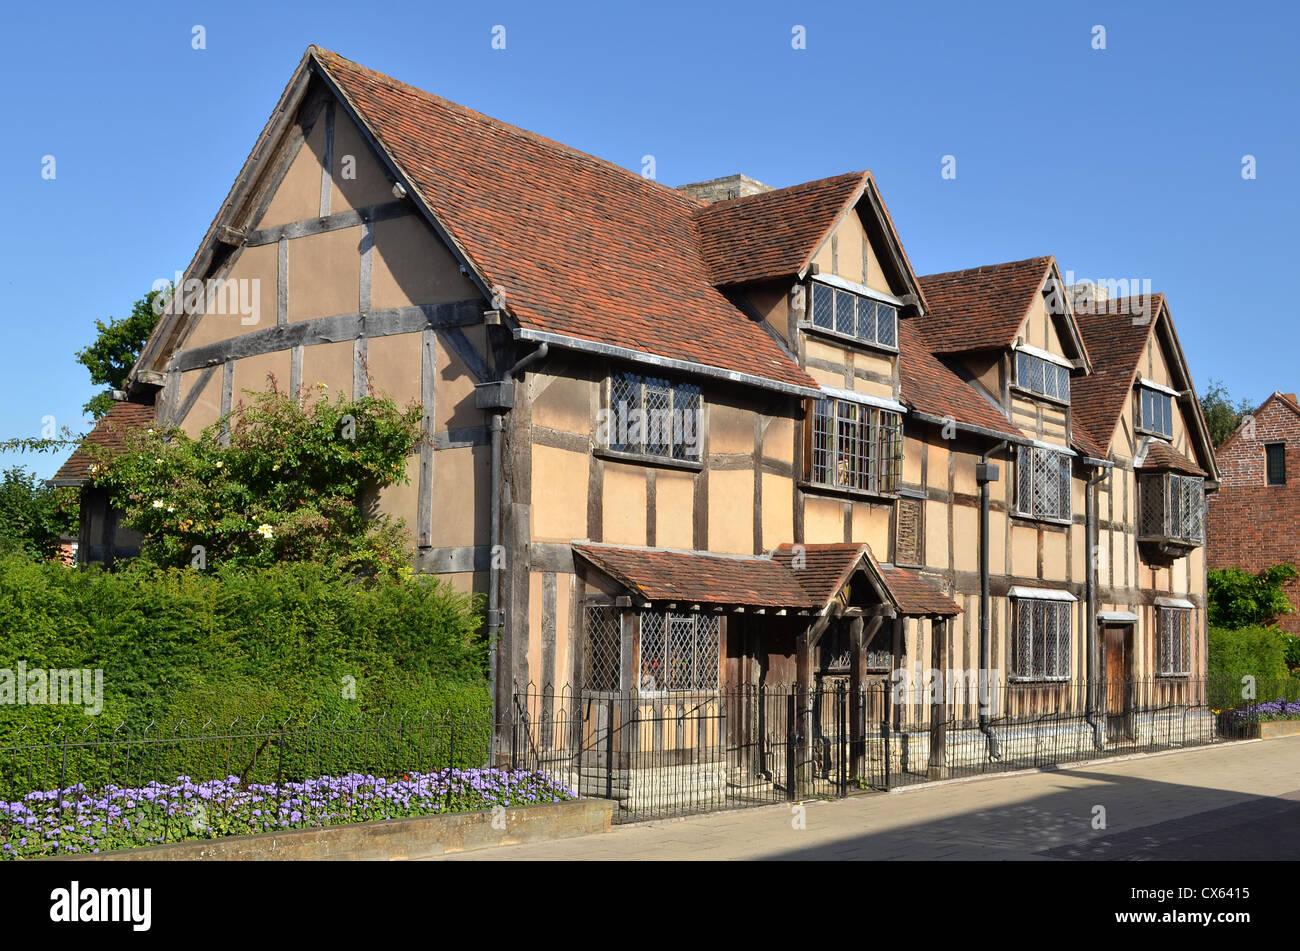 Stratford-upon-Avon, Shakespeare's Geburtsort, Warwickshire, Großbritannien Stockbild